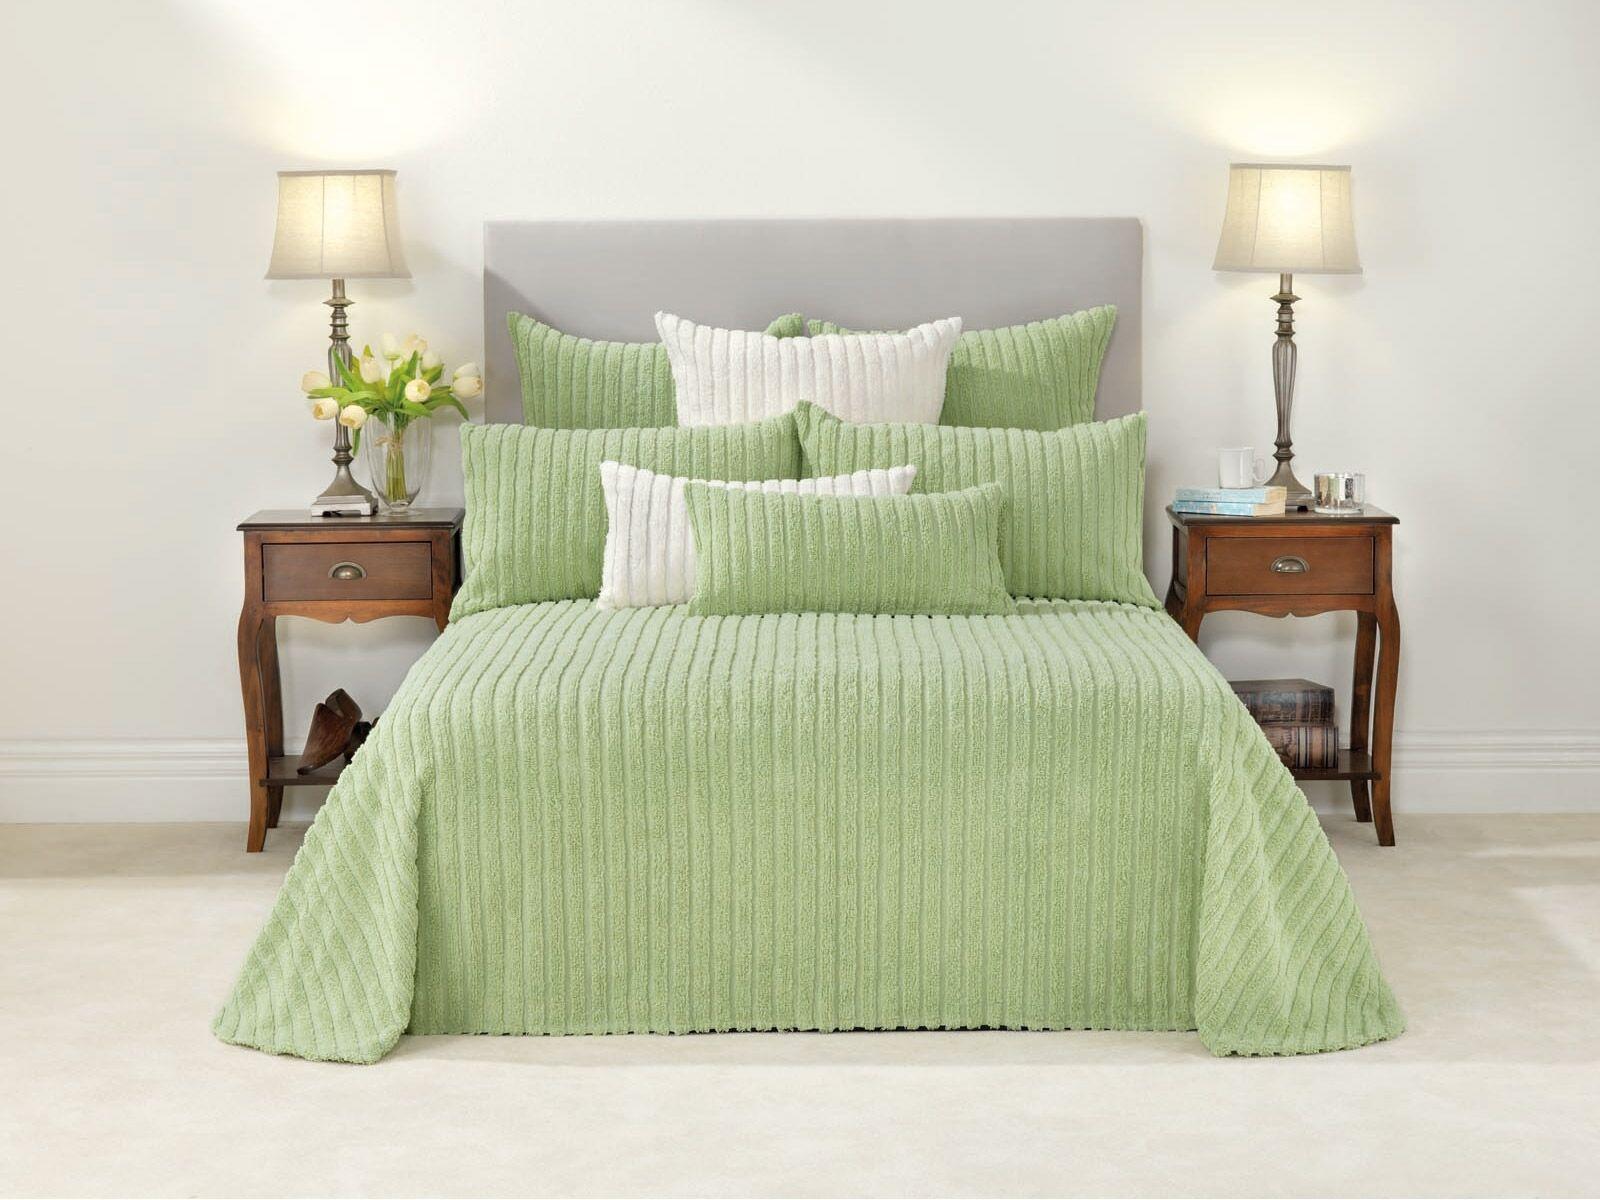 Bianca Chelsea Celadon Soft Cotton chenille Light verde Bedspread